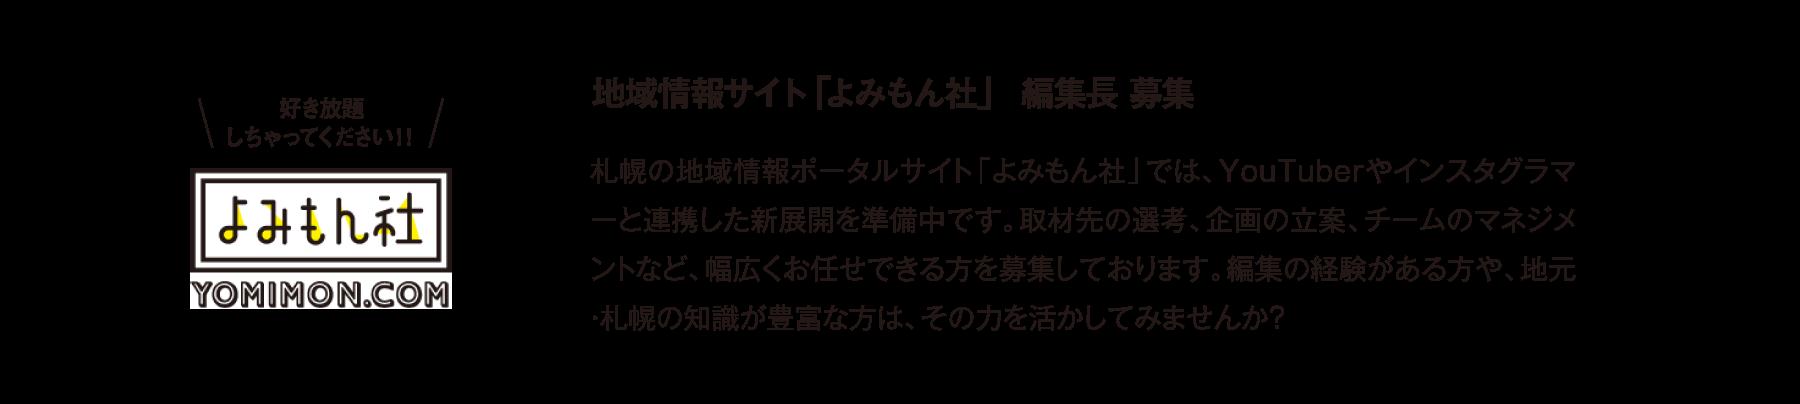 よみもん社 編集長募集!!